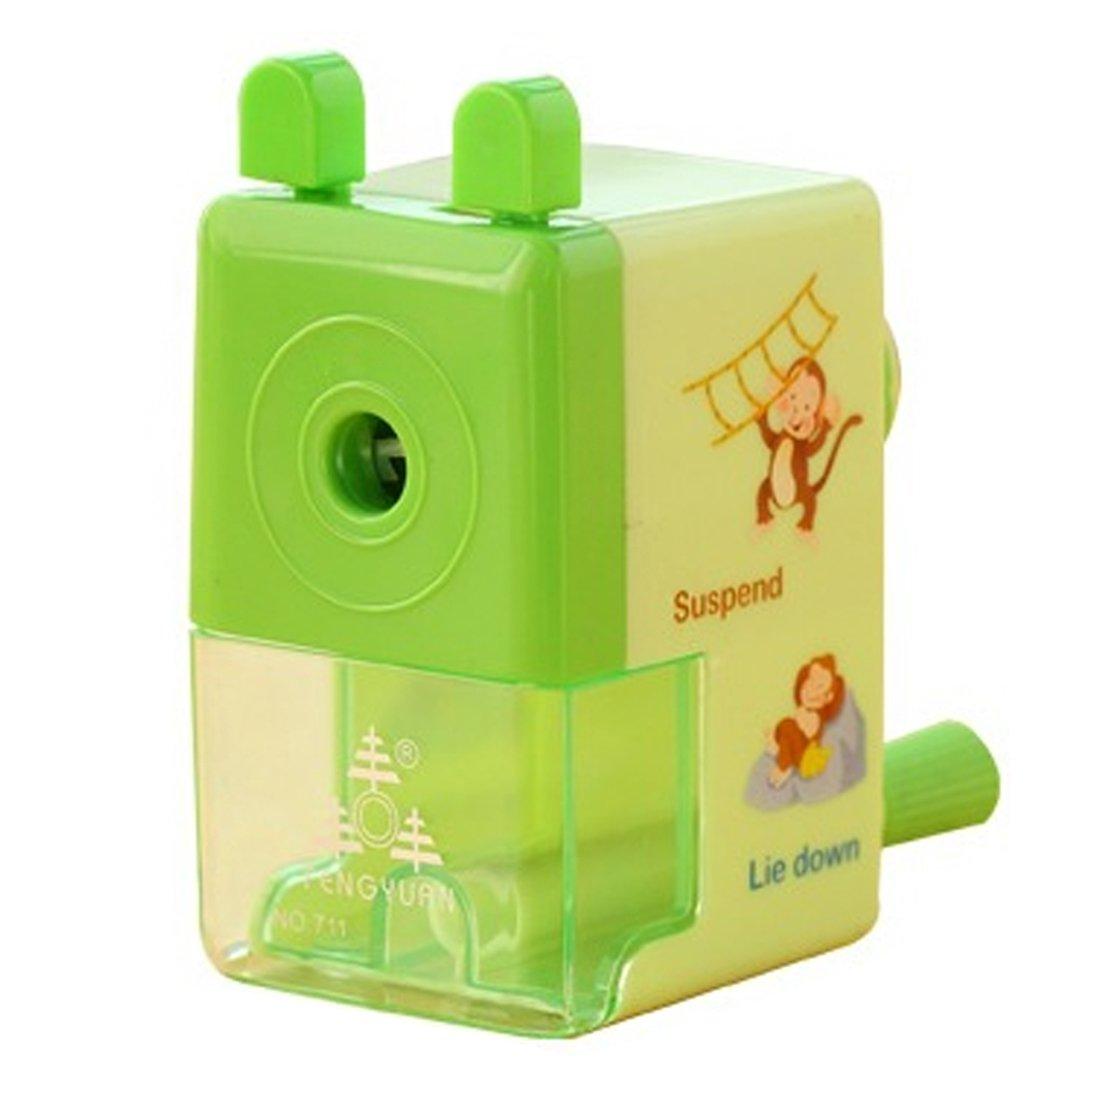 FineInno Cute Green Pencil Sharpener Manual per Bambini (verde)